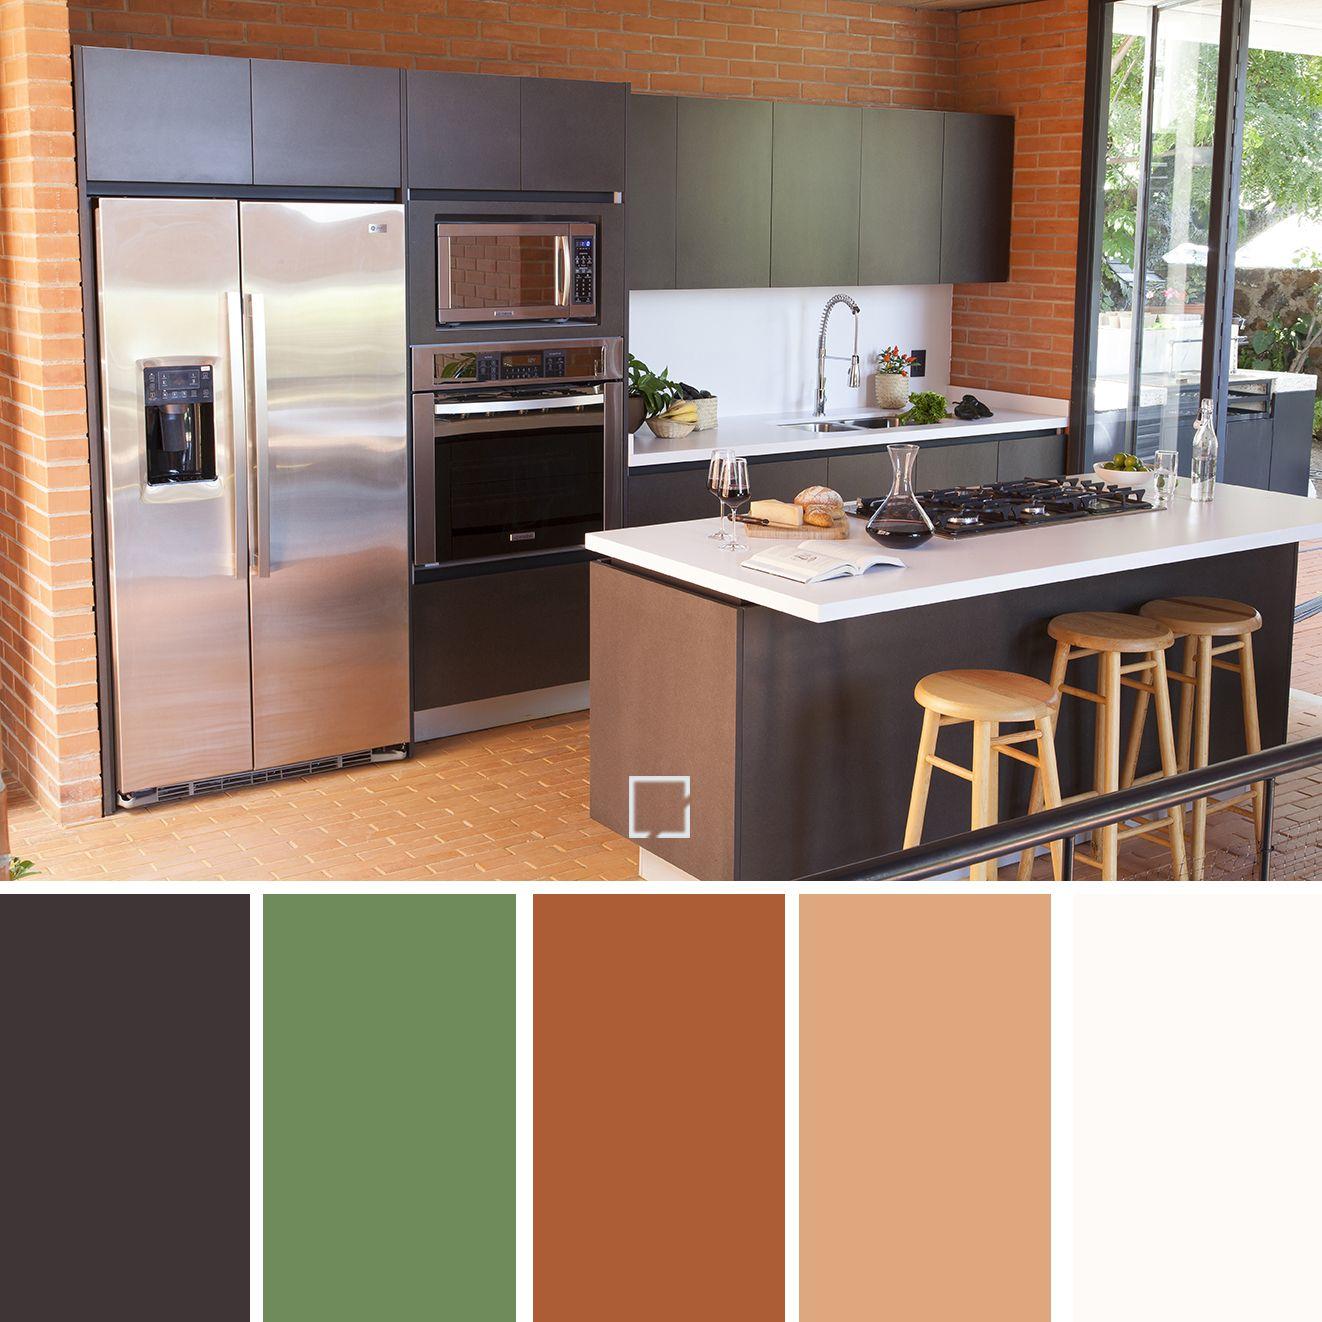 Paleta De Colores Para Una Cocina Llena De Personalidad Y Vida Querras Estar En Este Espacio Todo Decoracion De Cocina Cubiertas De Cocina Cocinas Coloridas